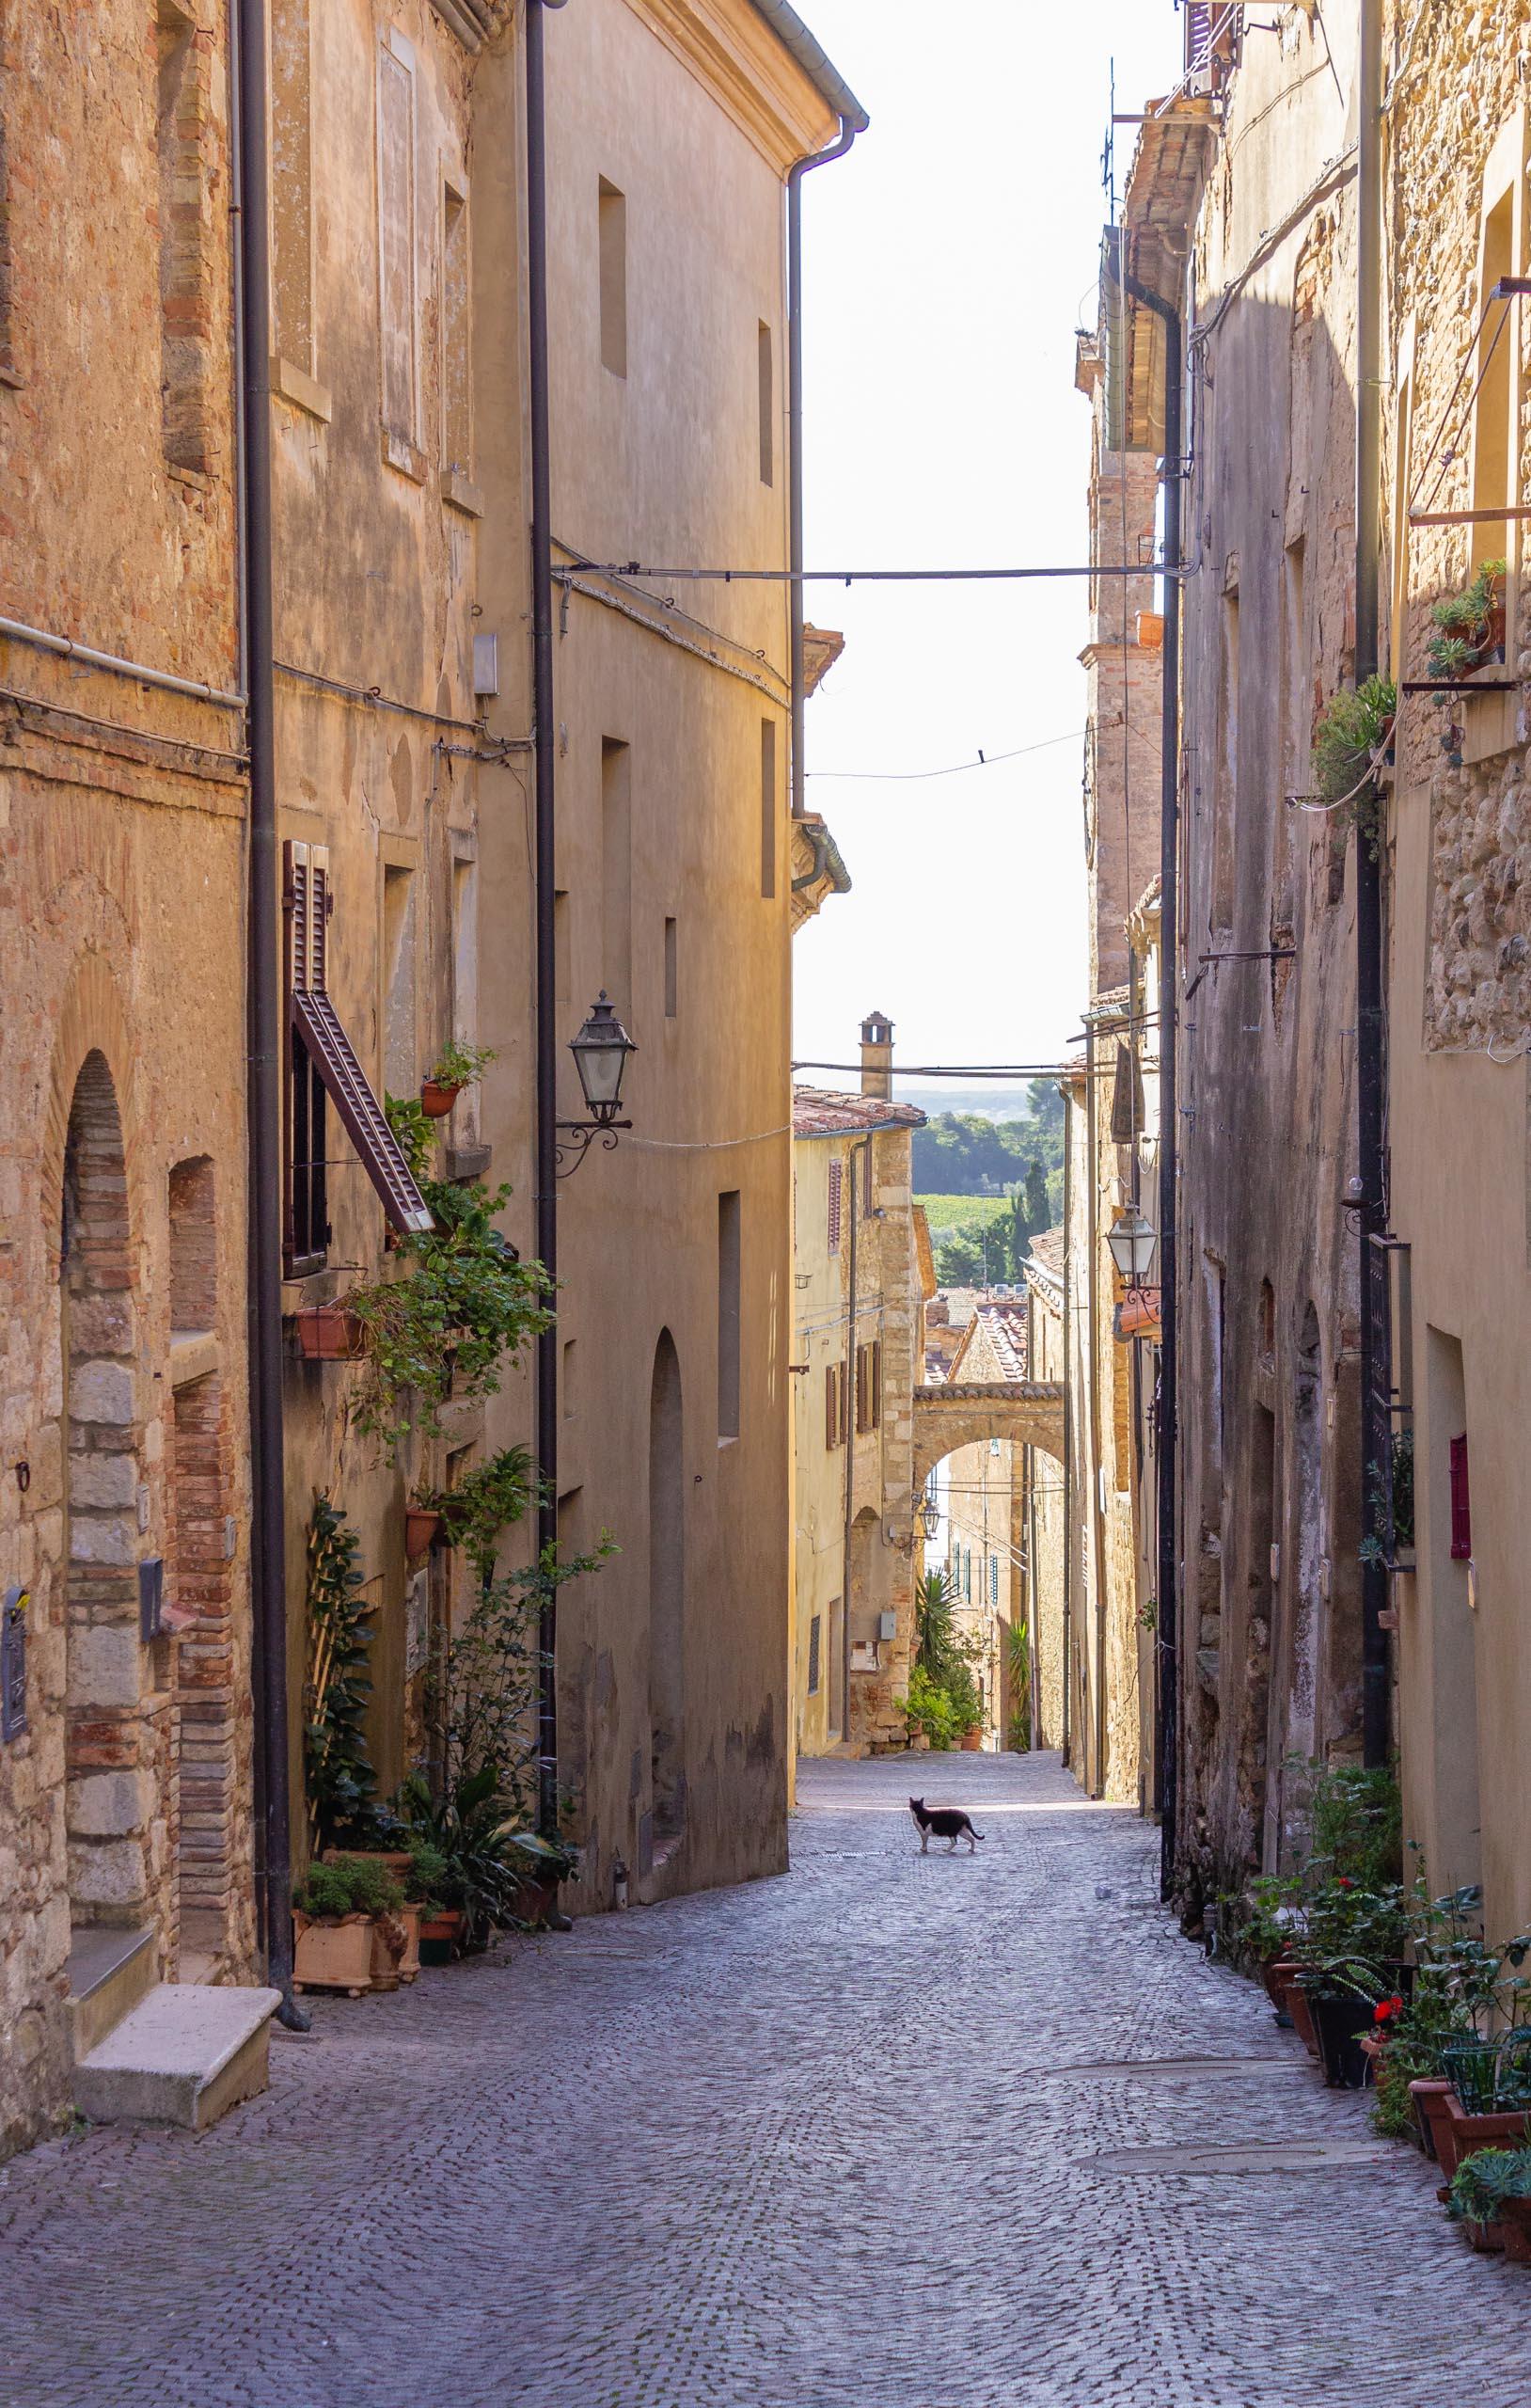 2013 10 Tuscany Bibbona 003